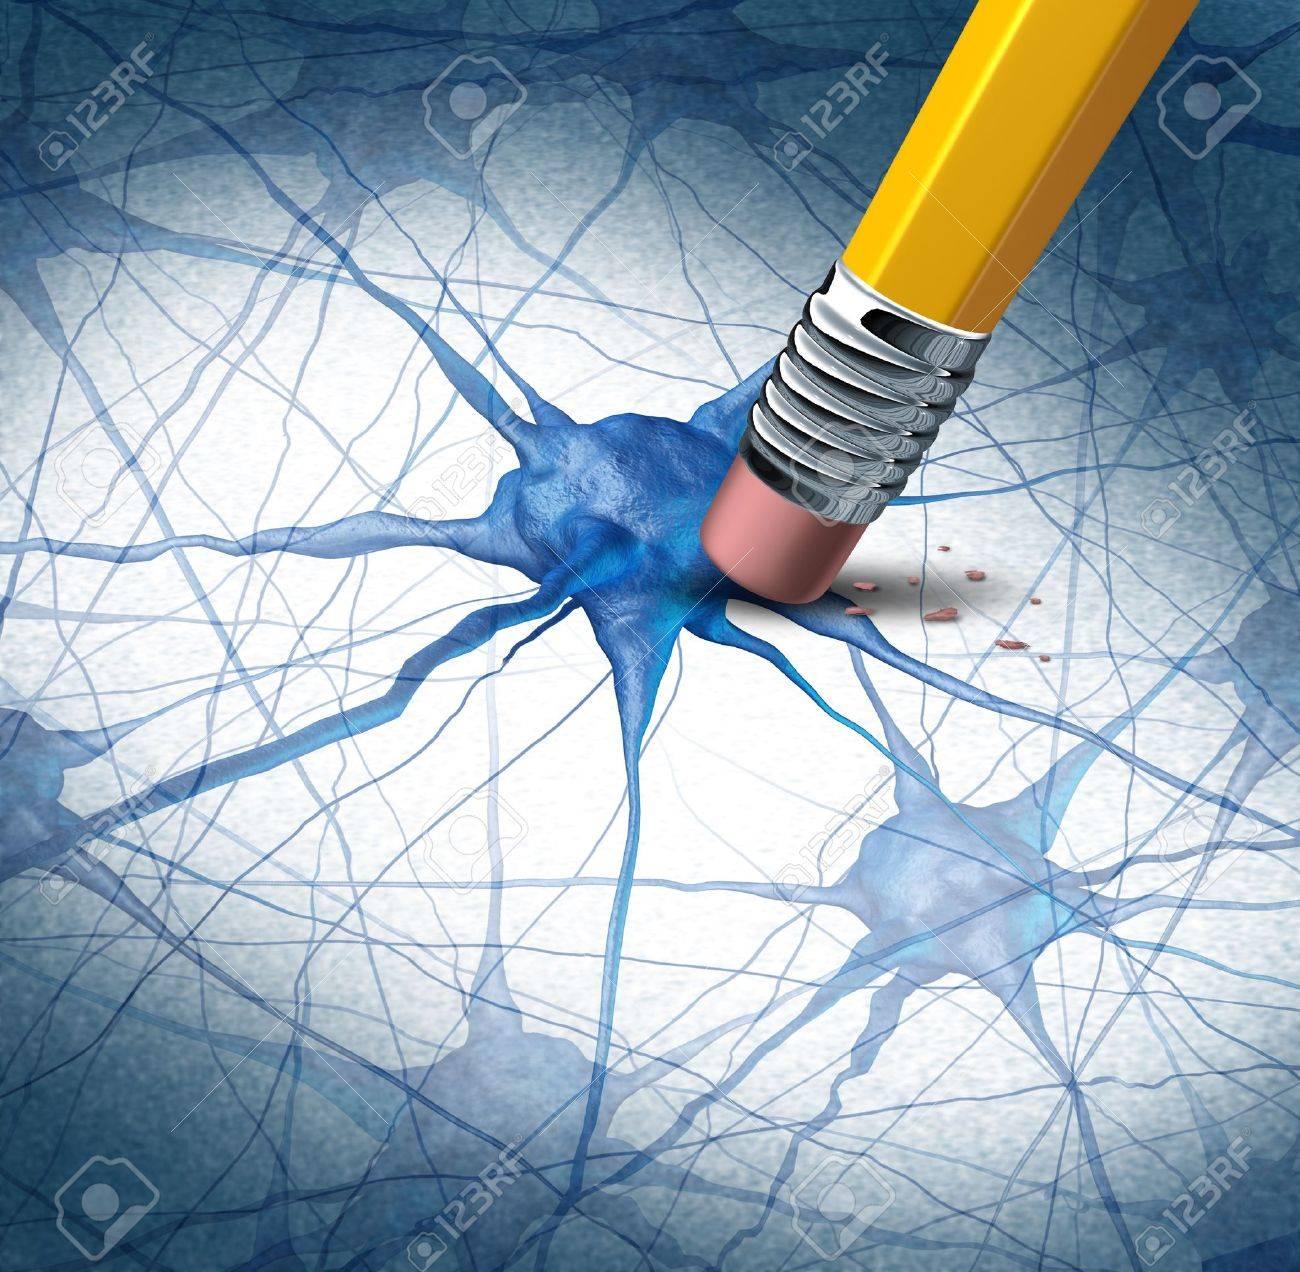 Enfermedad Cerebral Problemas De Demencia Con Pérdida De La Función ...